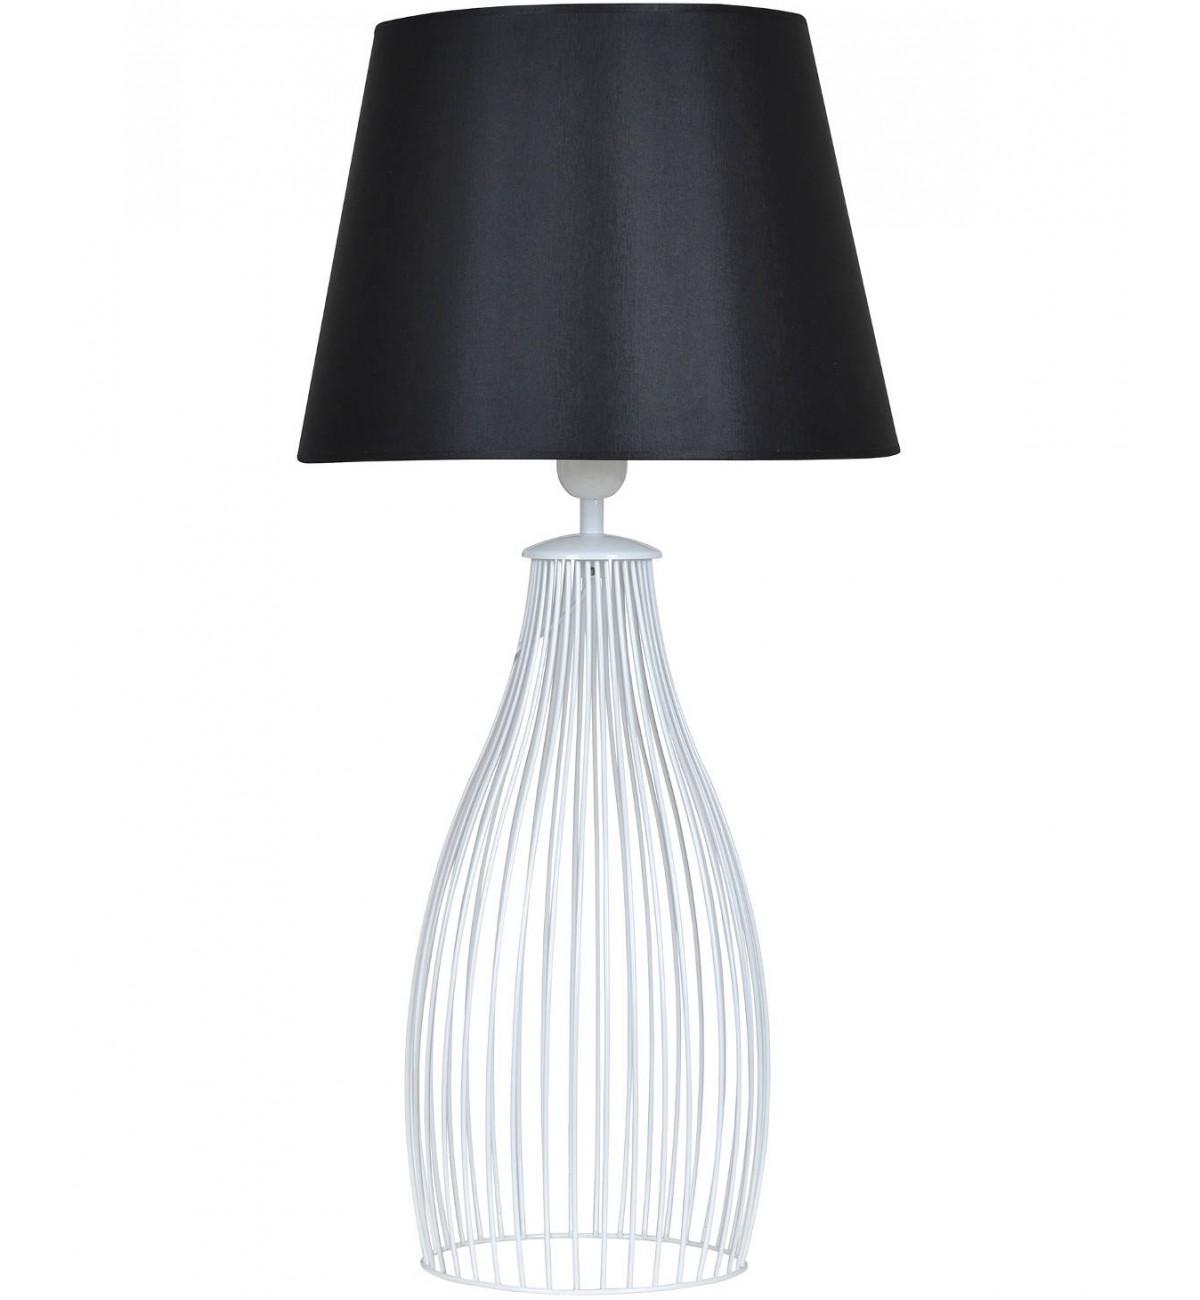 lampa nocna z abazurem nowoczesna stojaca 1